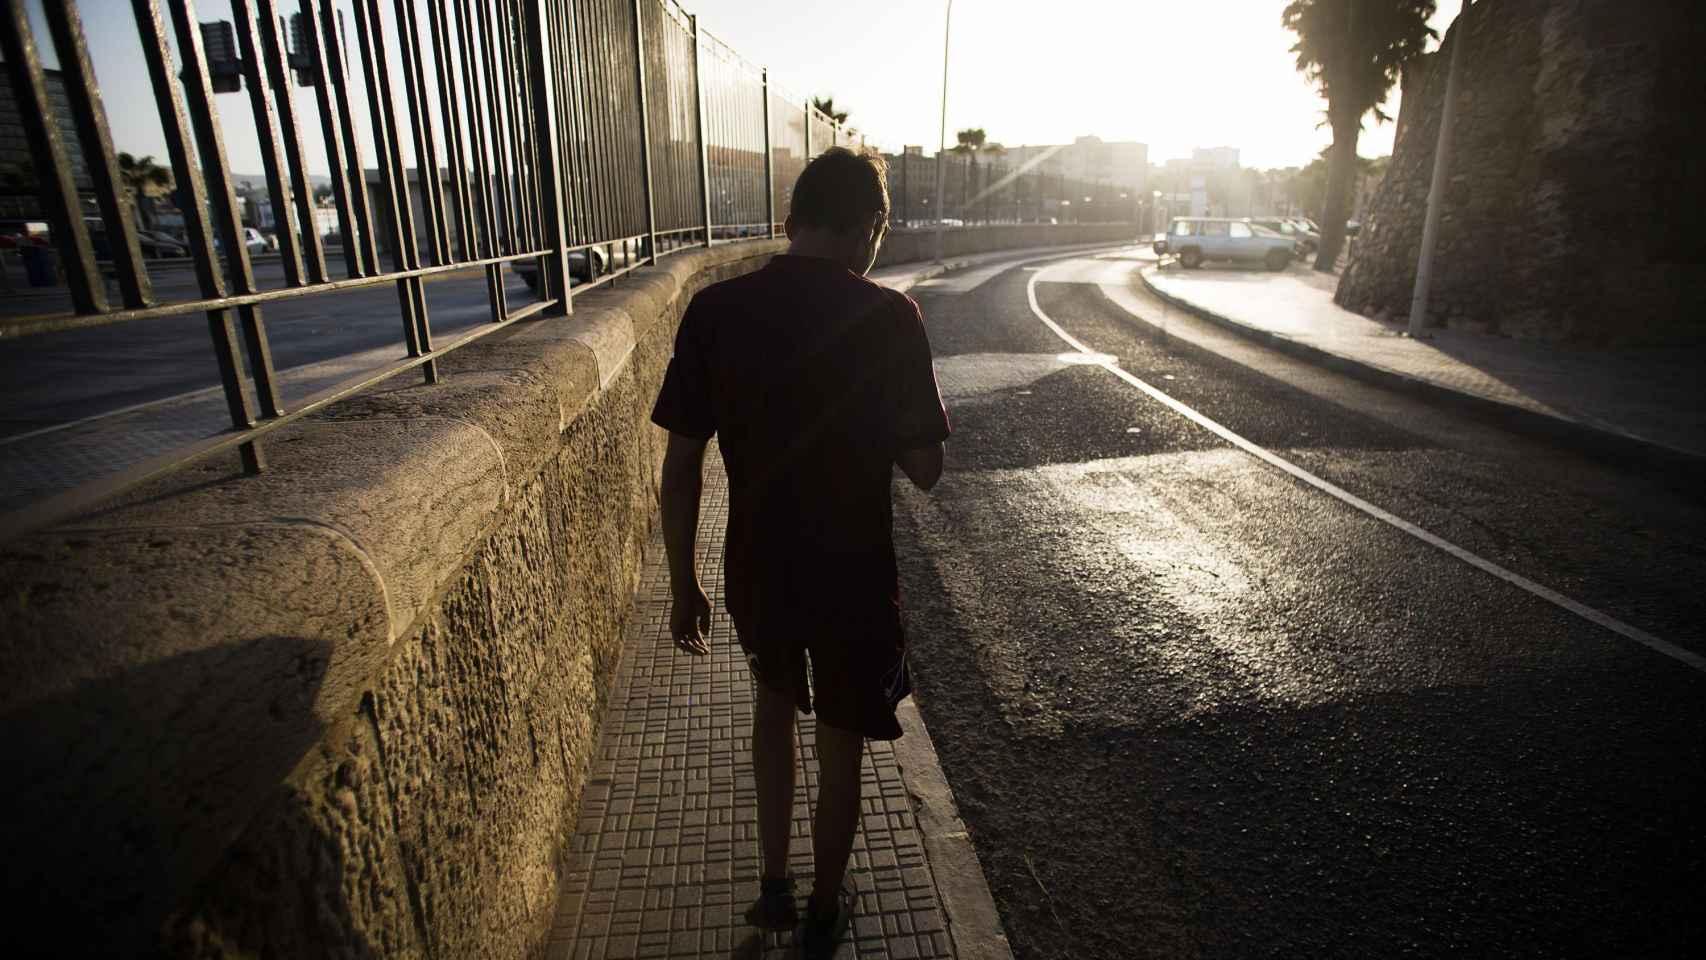 Osam, caminando por las calles de Melilla, donde es corriente ver a los niños 'huérfanos'.